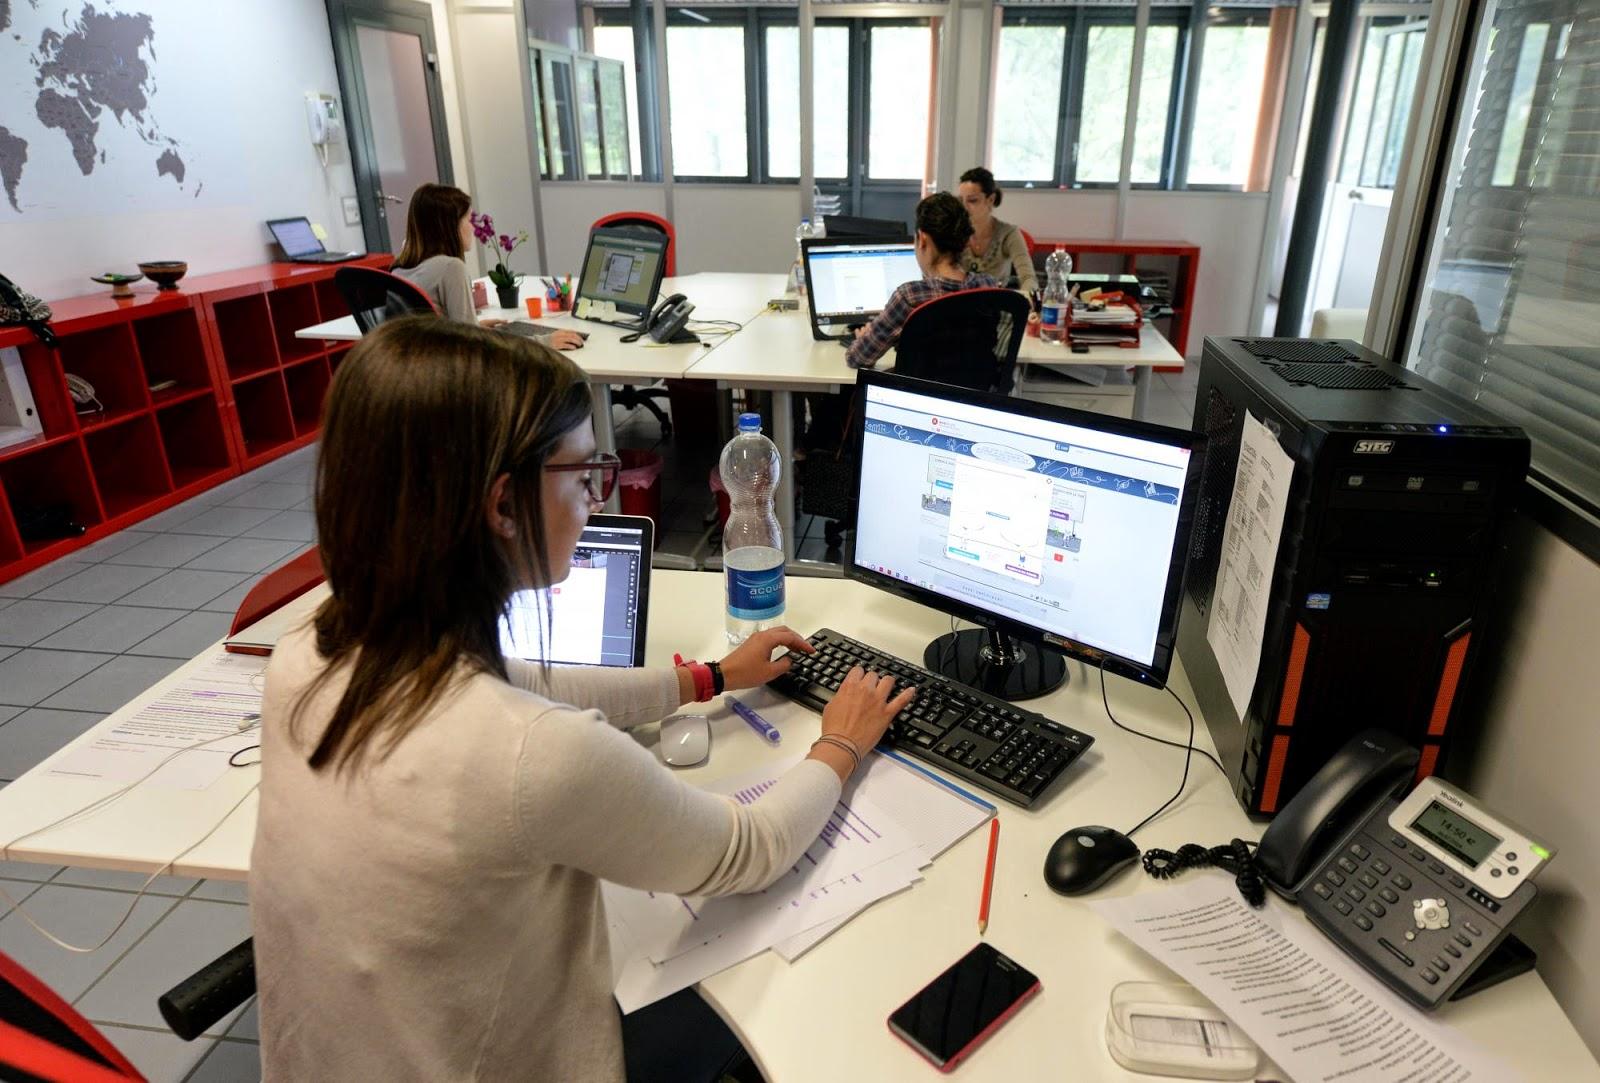 Ufficio Lavoro Canton Ticino : Helplavoro svizzera italiana job contact offre lavoro a operai